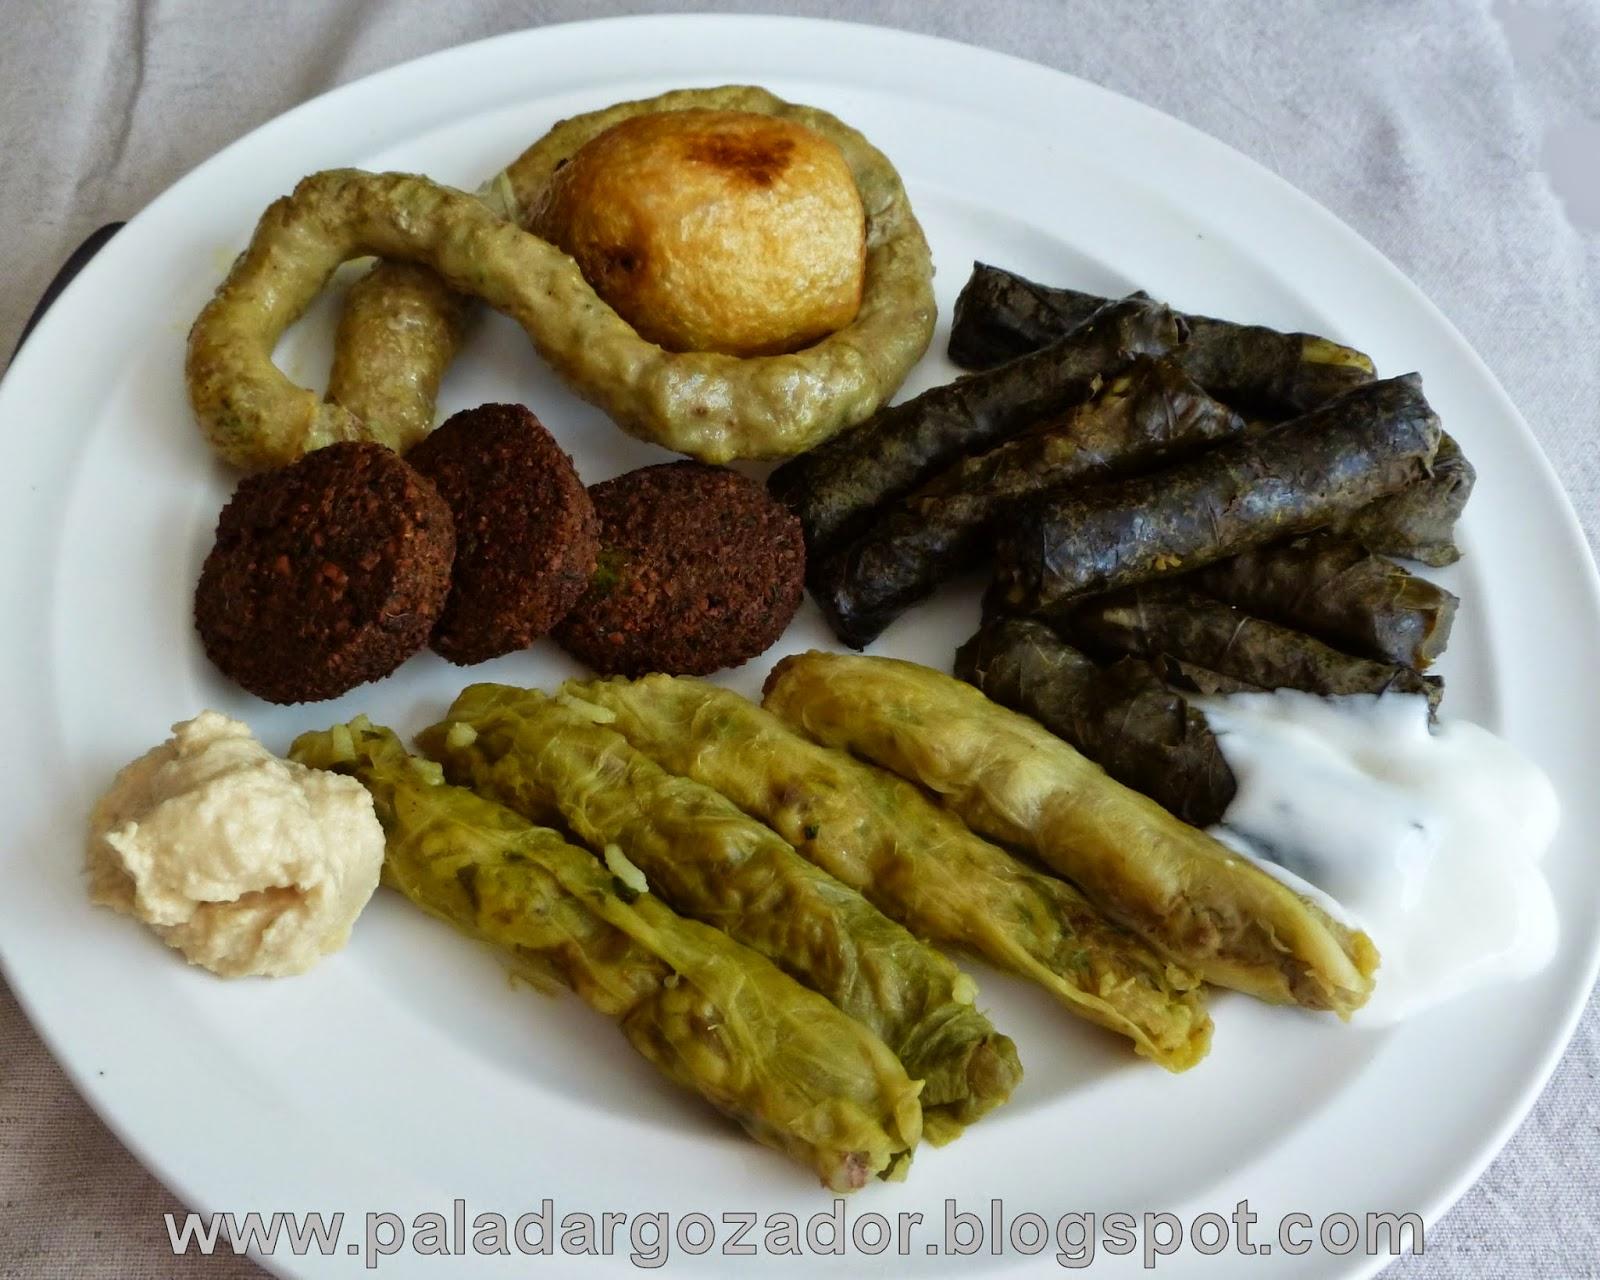 Surtido platos Pica Arabe rellenos